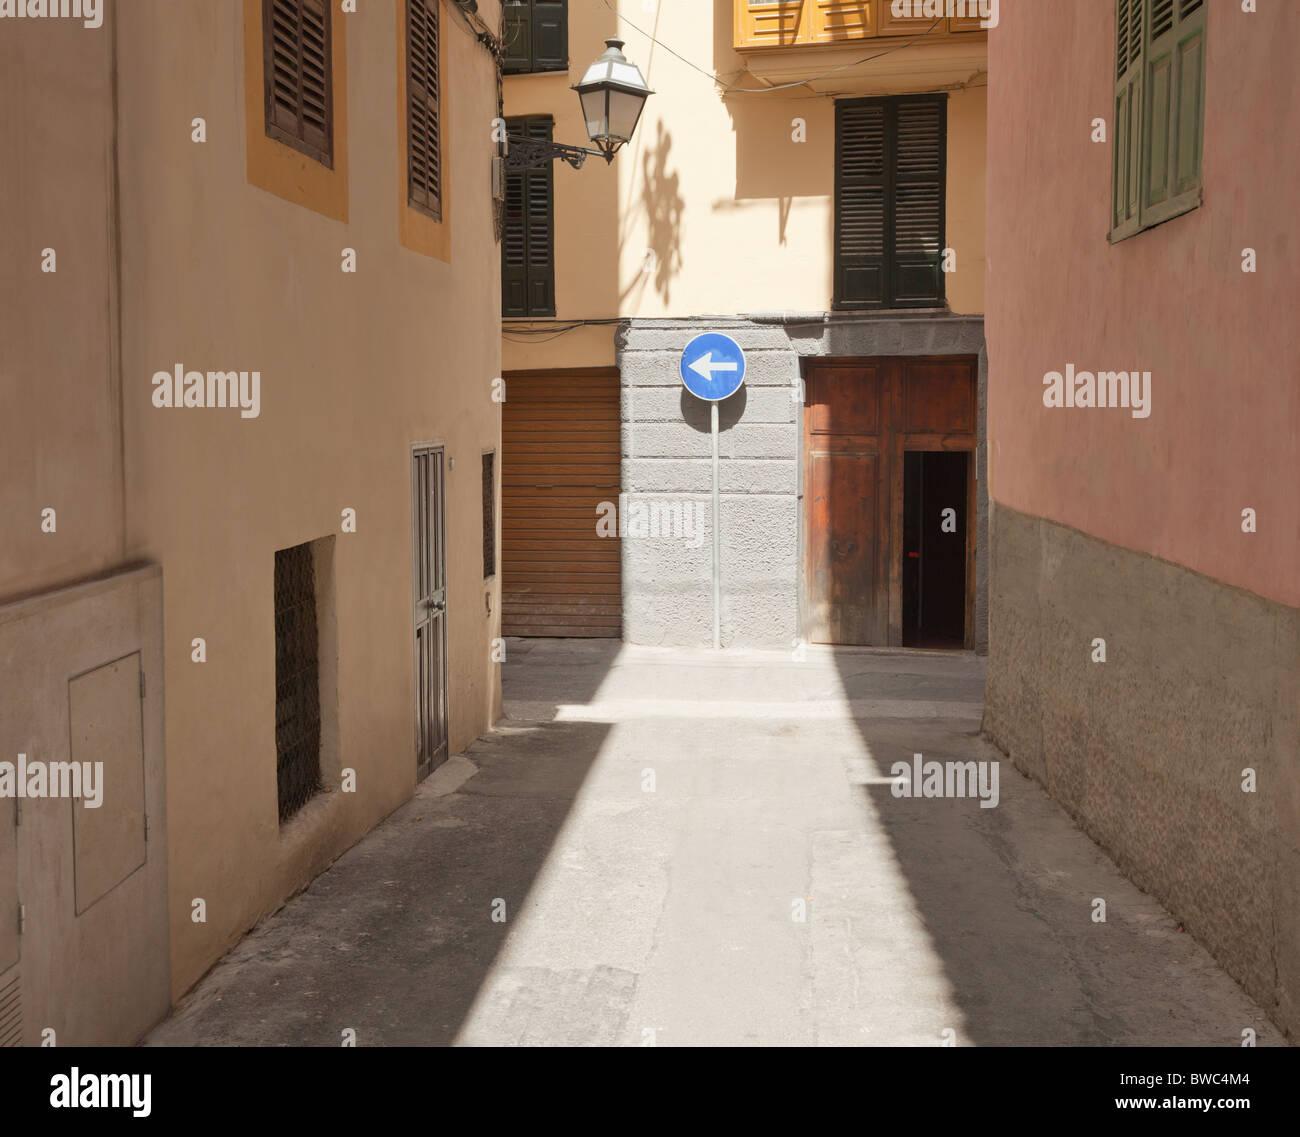 Street con segno di direzione Immagini Stock